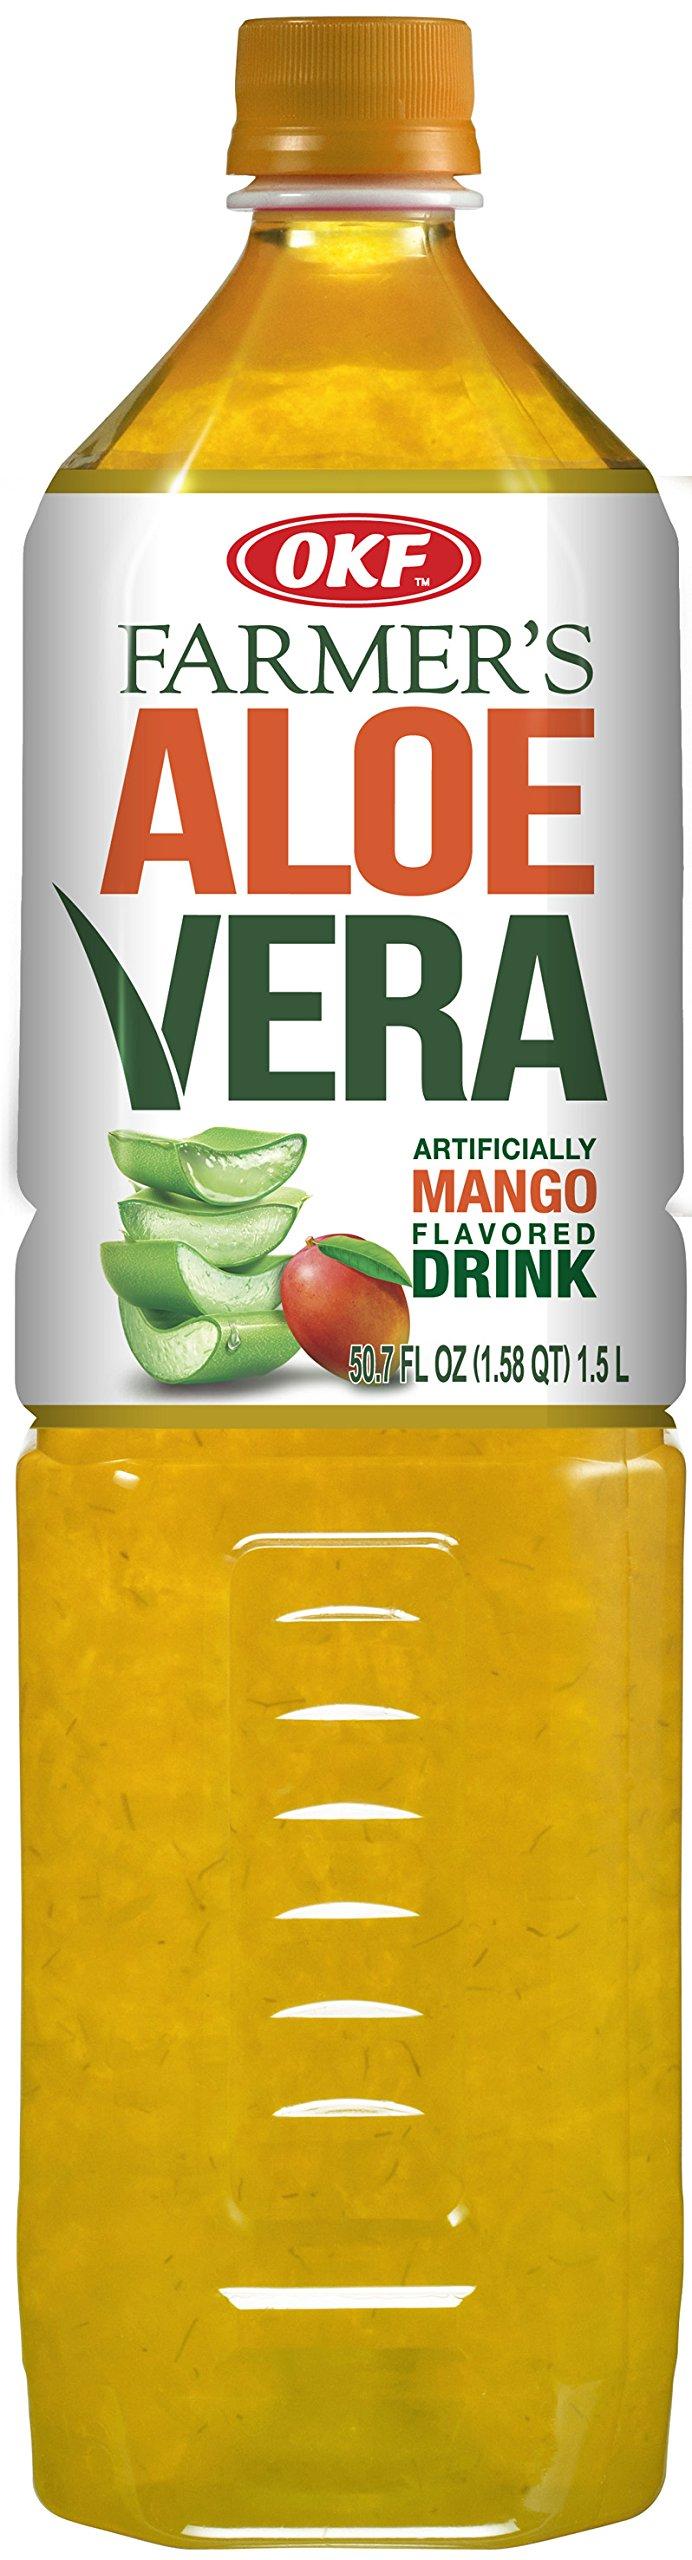 OKF Farmer's Aloe Vera Drink, Mango, 1.5 Liter (Pack of 12)